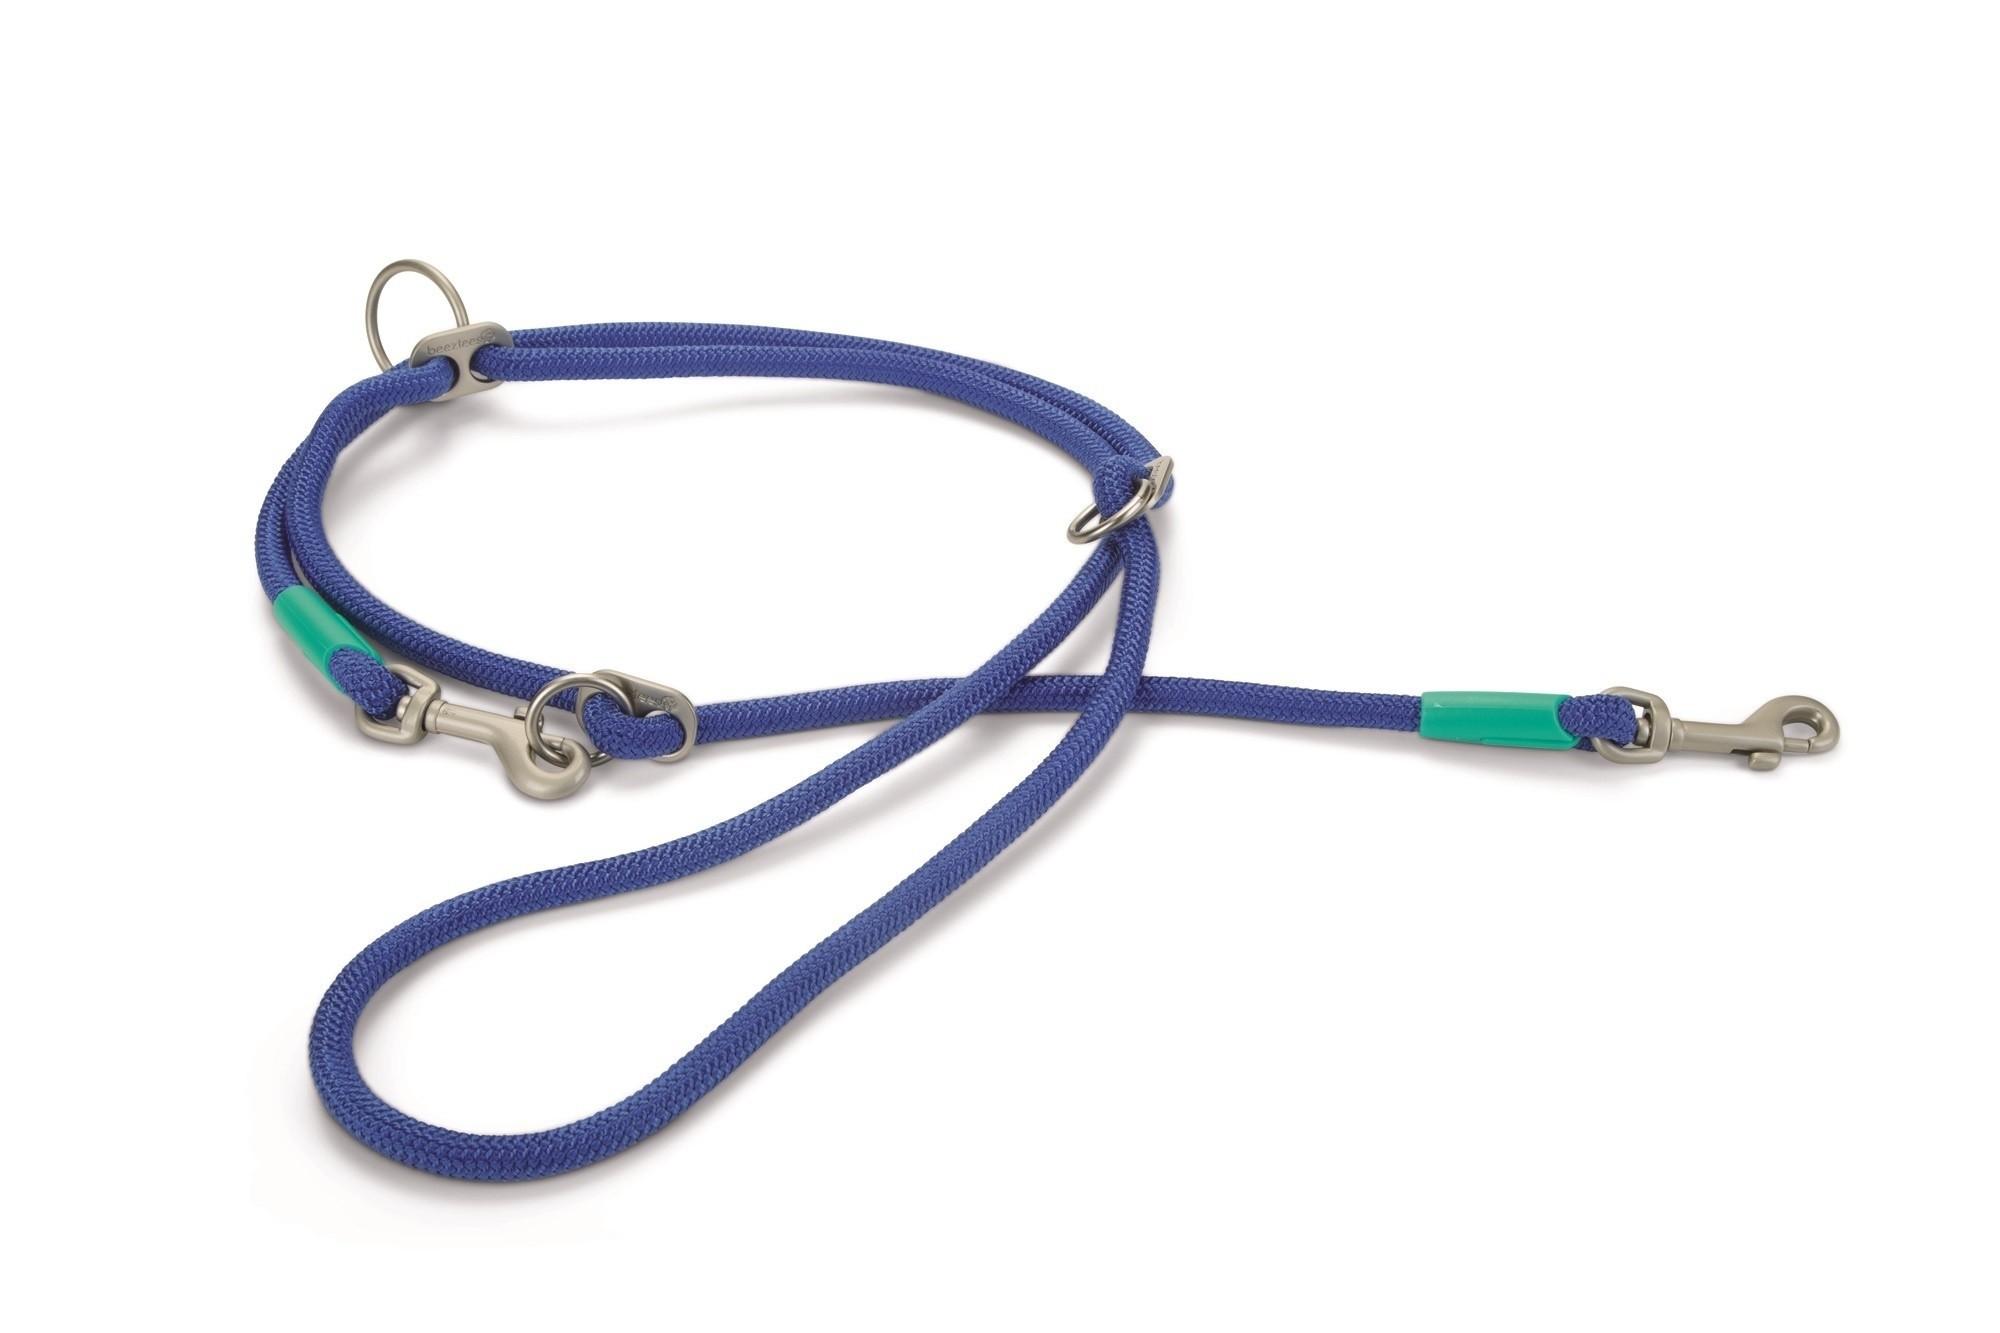 Hondendressuurlijn rond Nikra nylon Beeztees blauw 200cmx10mm